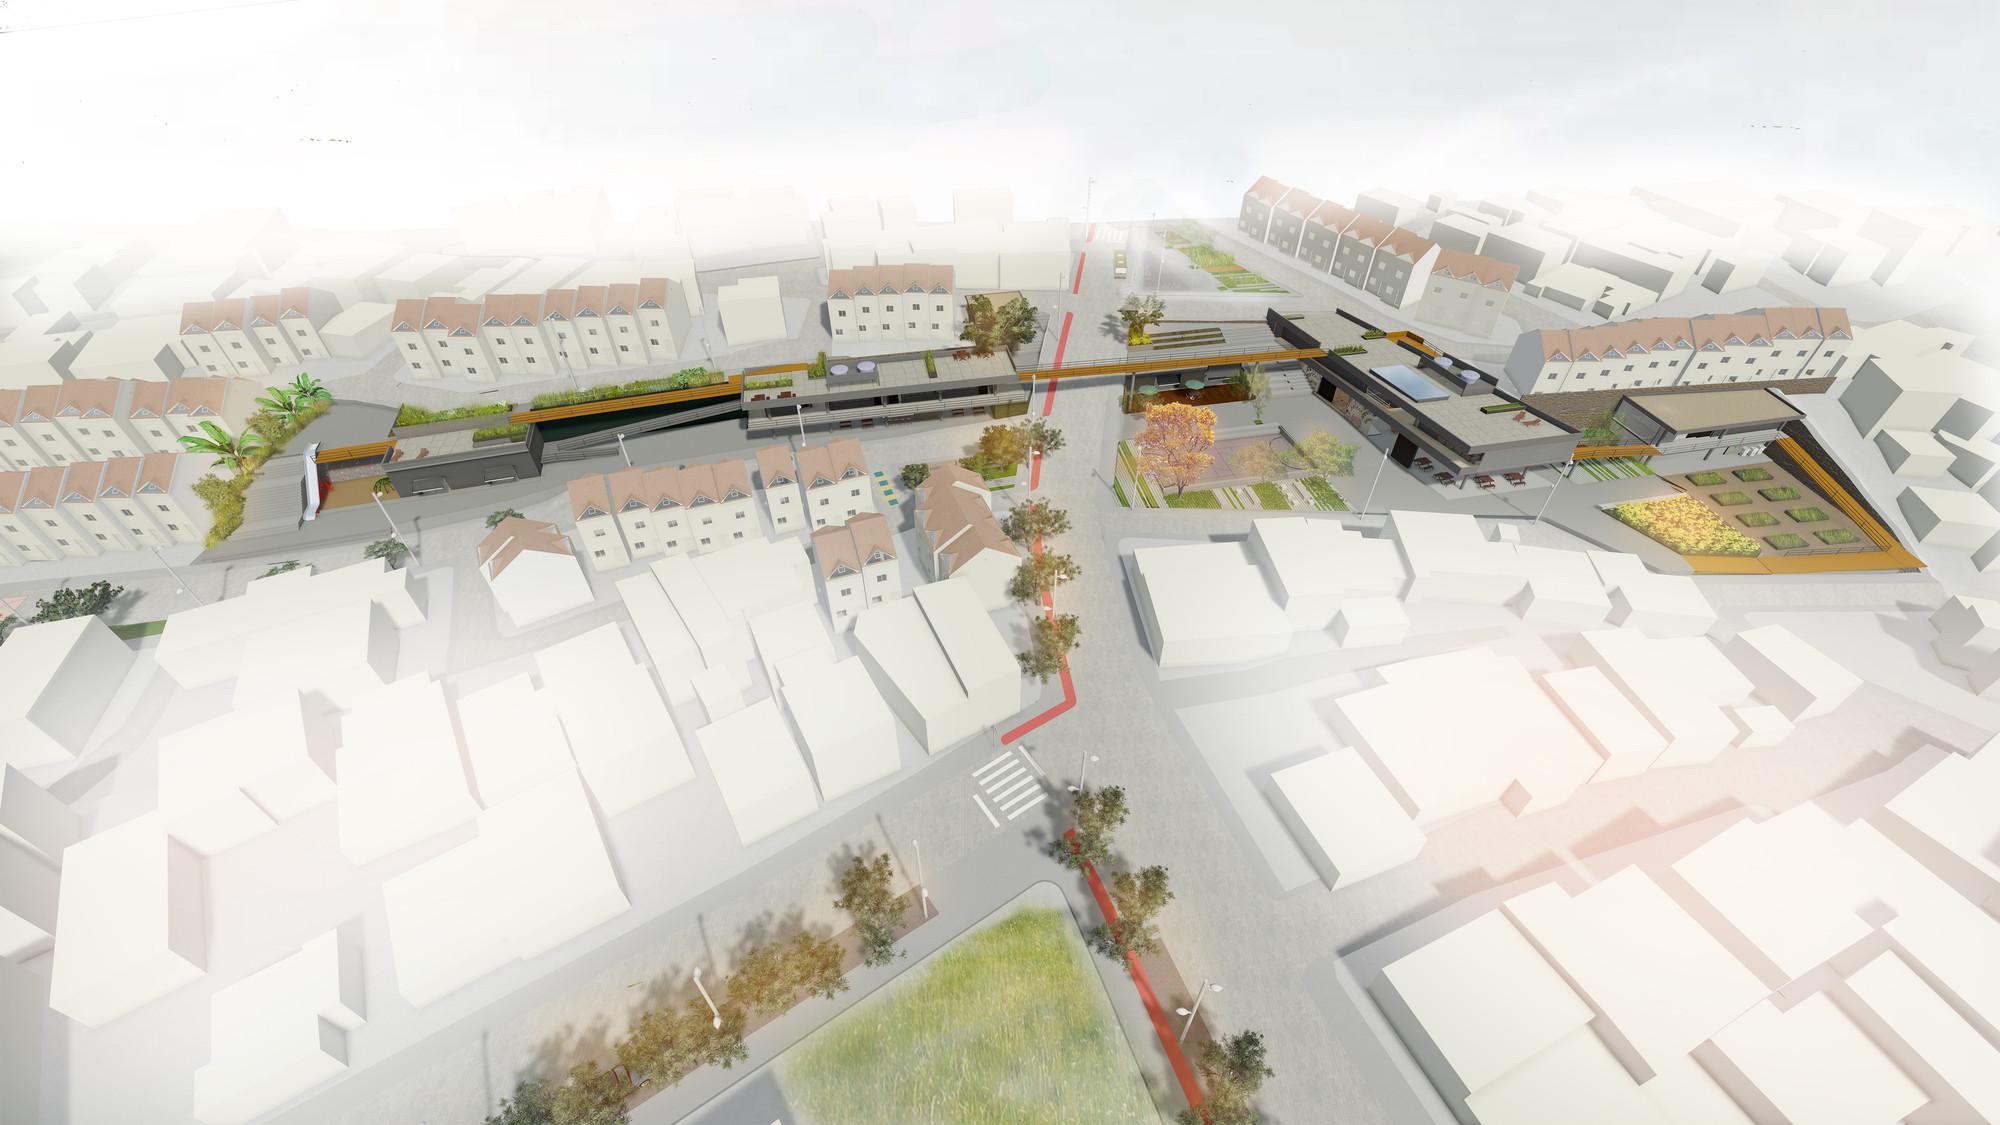 Primer Lugar América Latina y Caribe en Competición Internacional 'Urban Revitalization of Mass Housing' de ONU-Habitat, Vista general. Image Courtesy of Mariana Morais Luiz